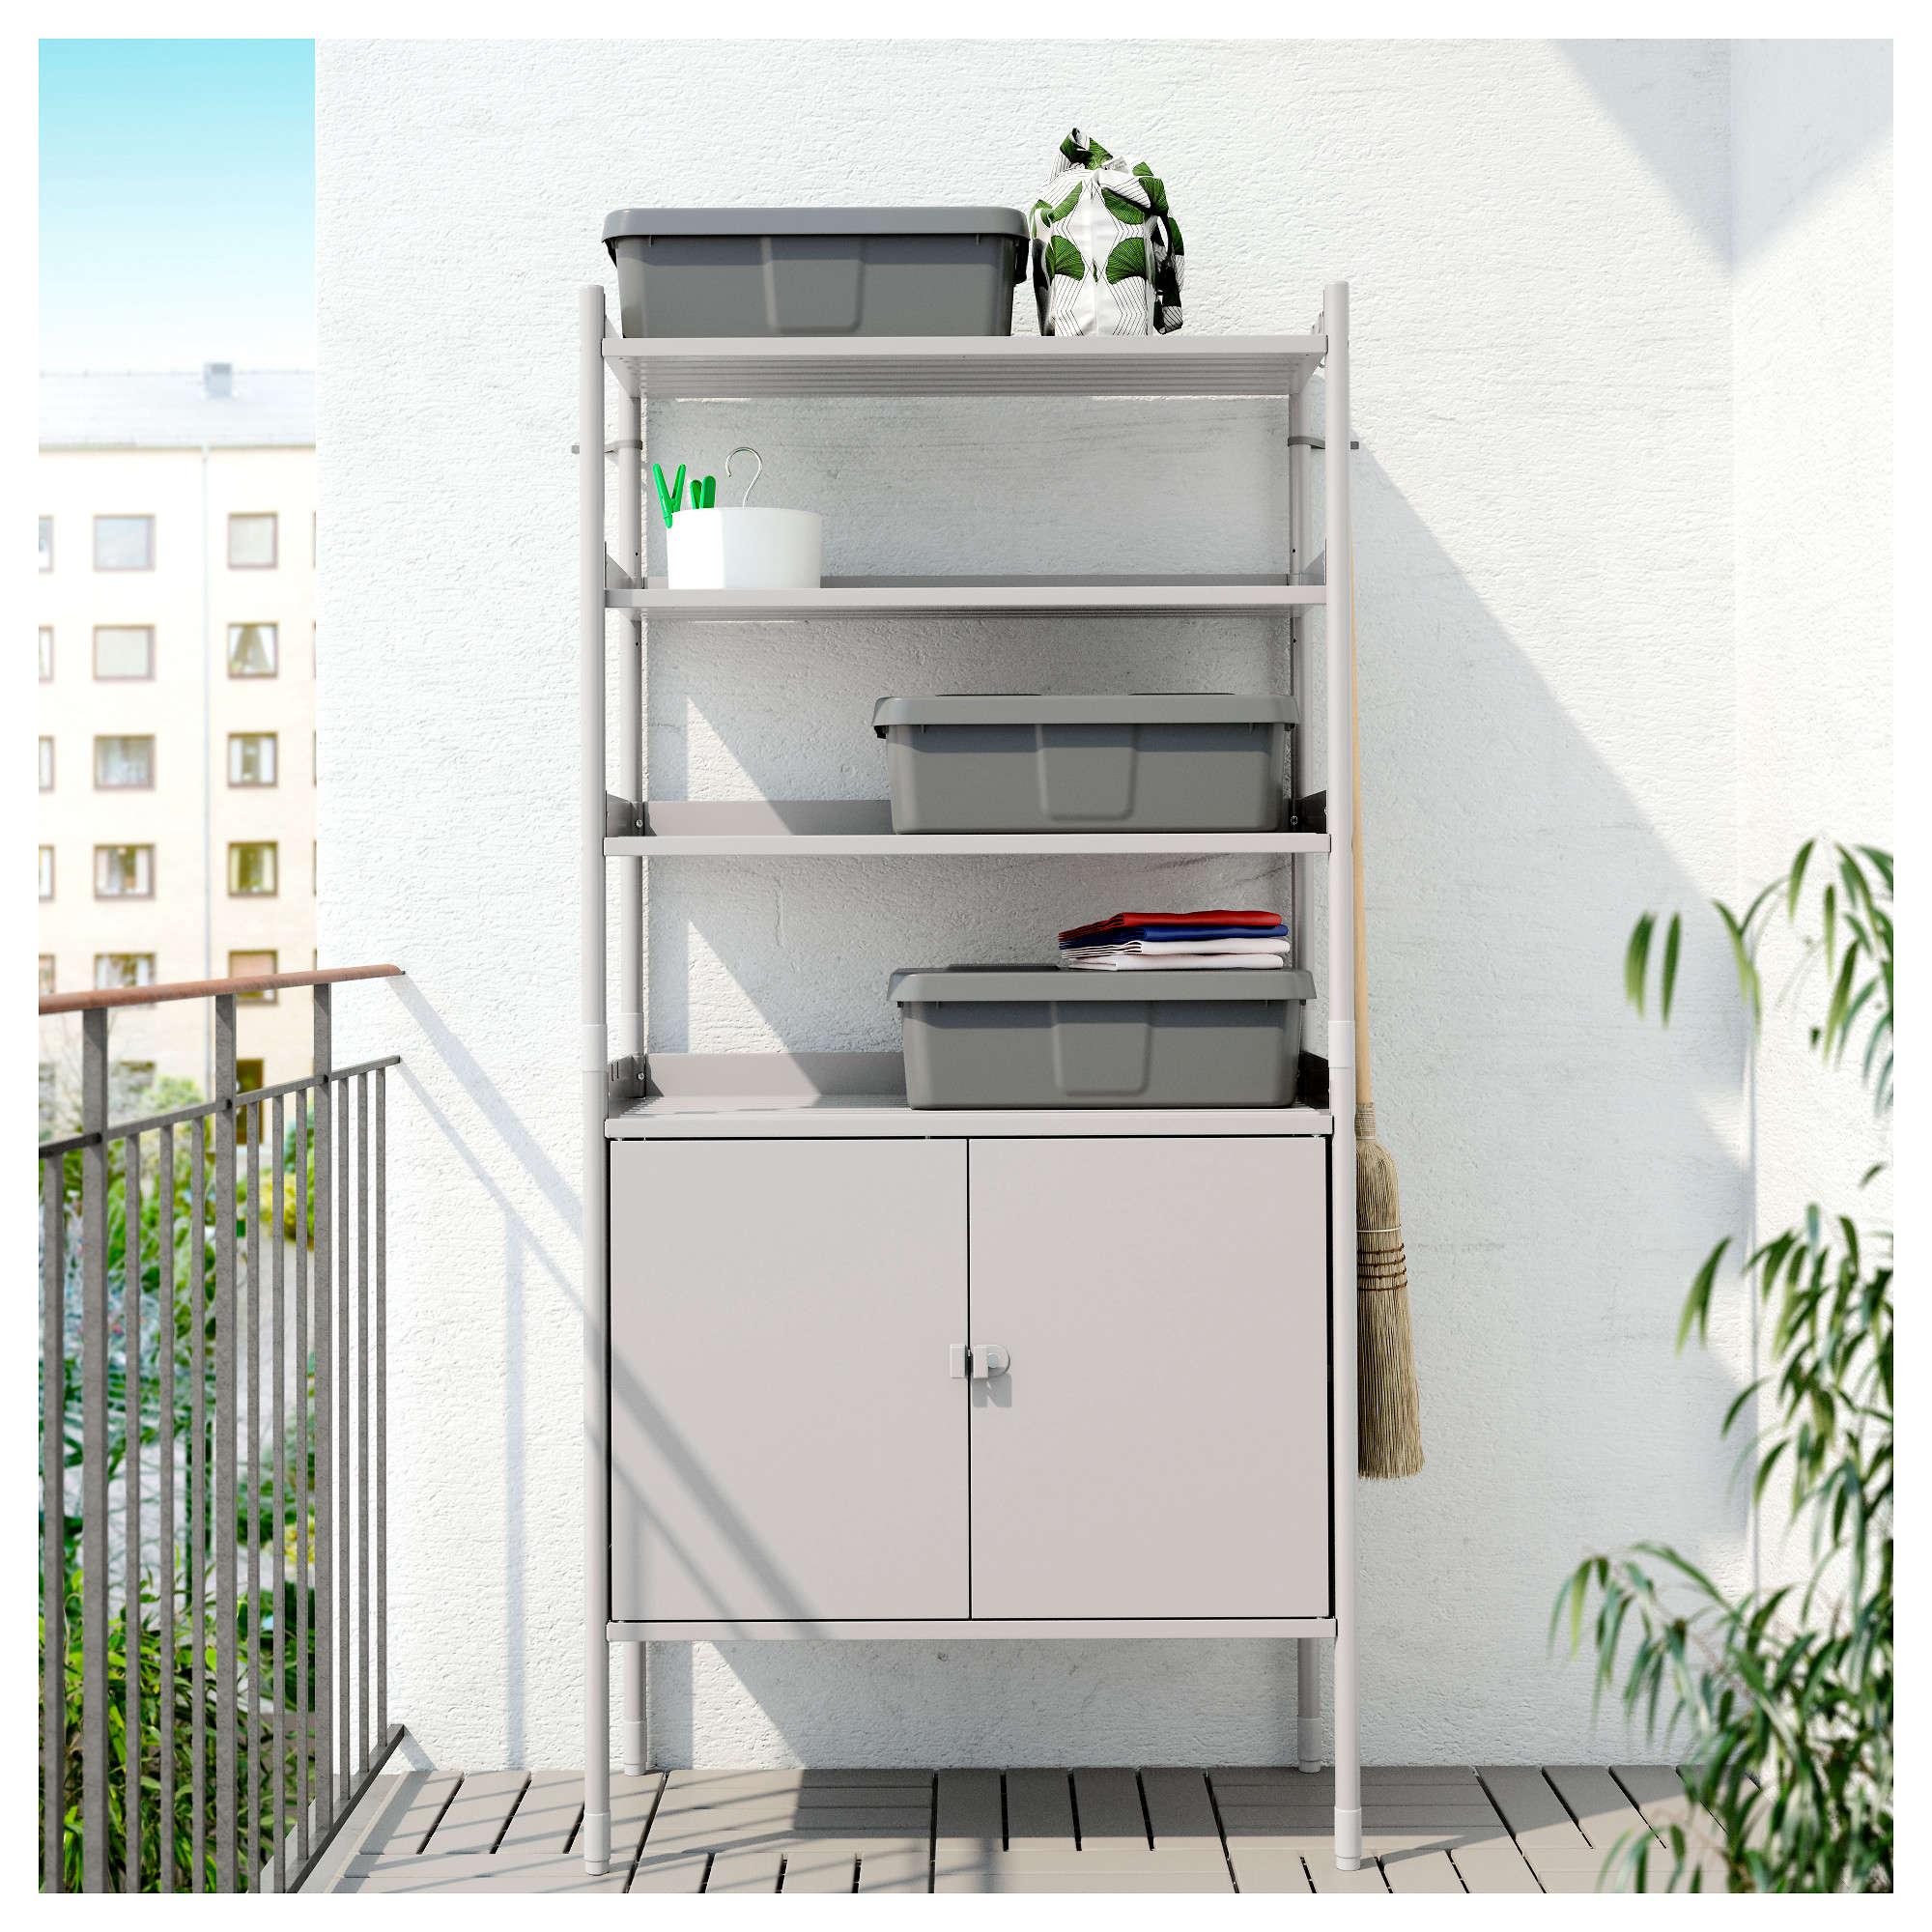 hindo-potting-plant-storage-cabinet-shelves-ikea